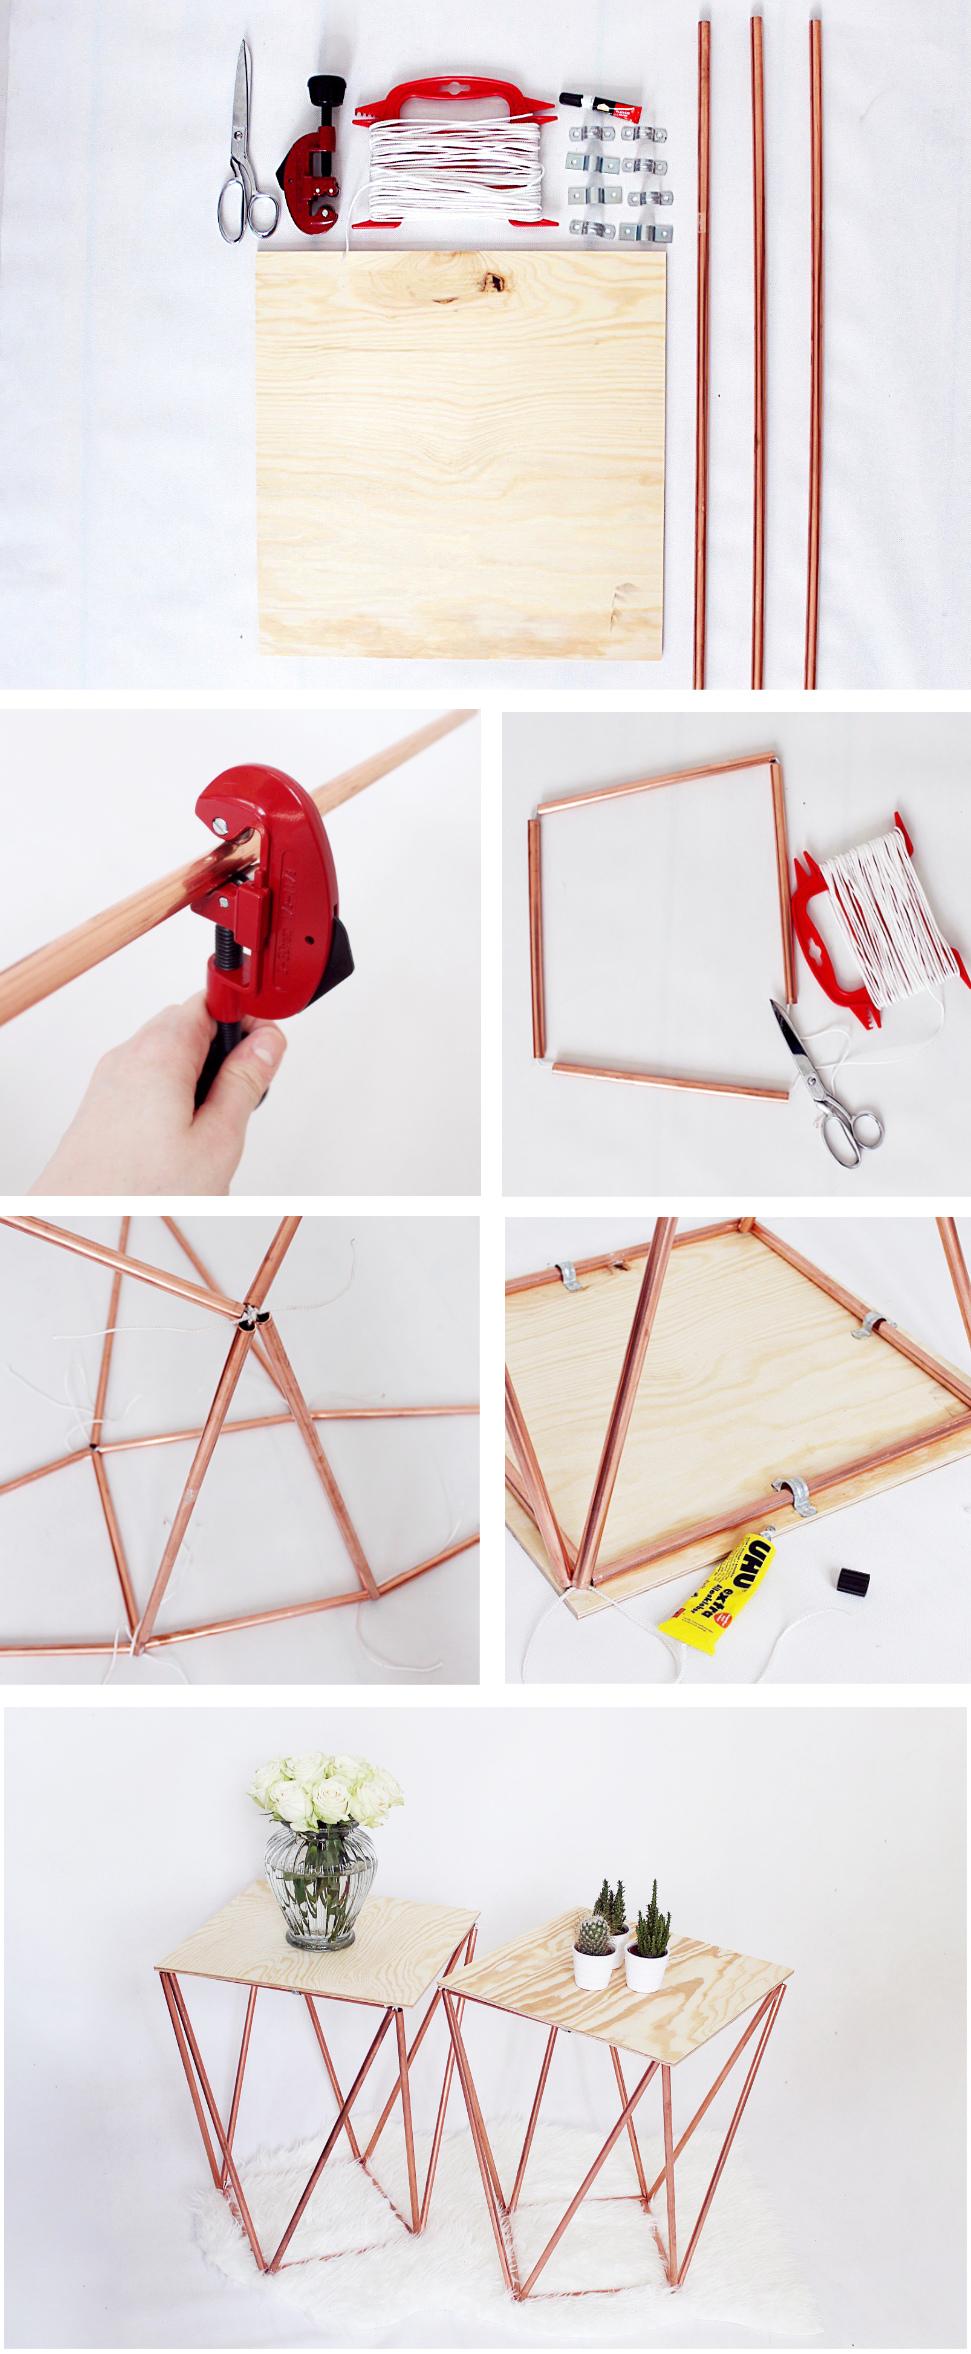 DIY Anleitung: Beistelltisch aus Kupfer selber bauen